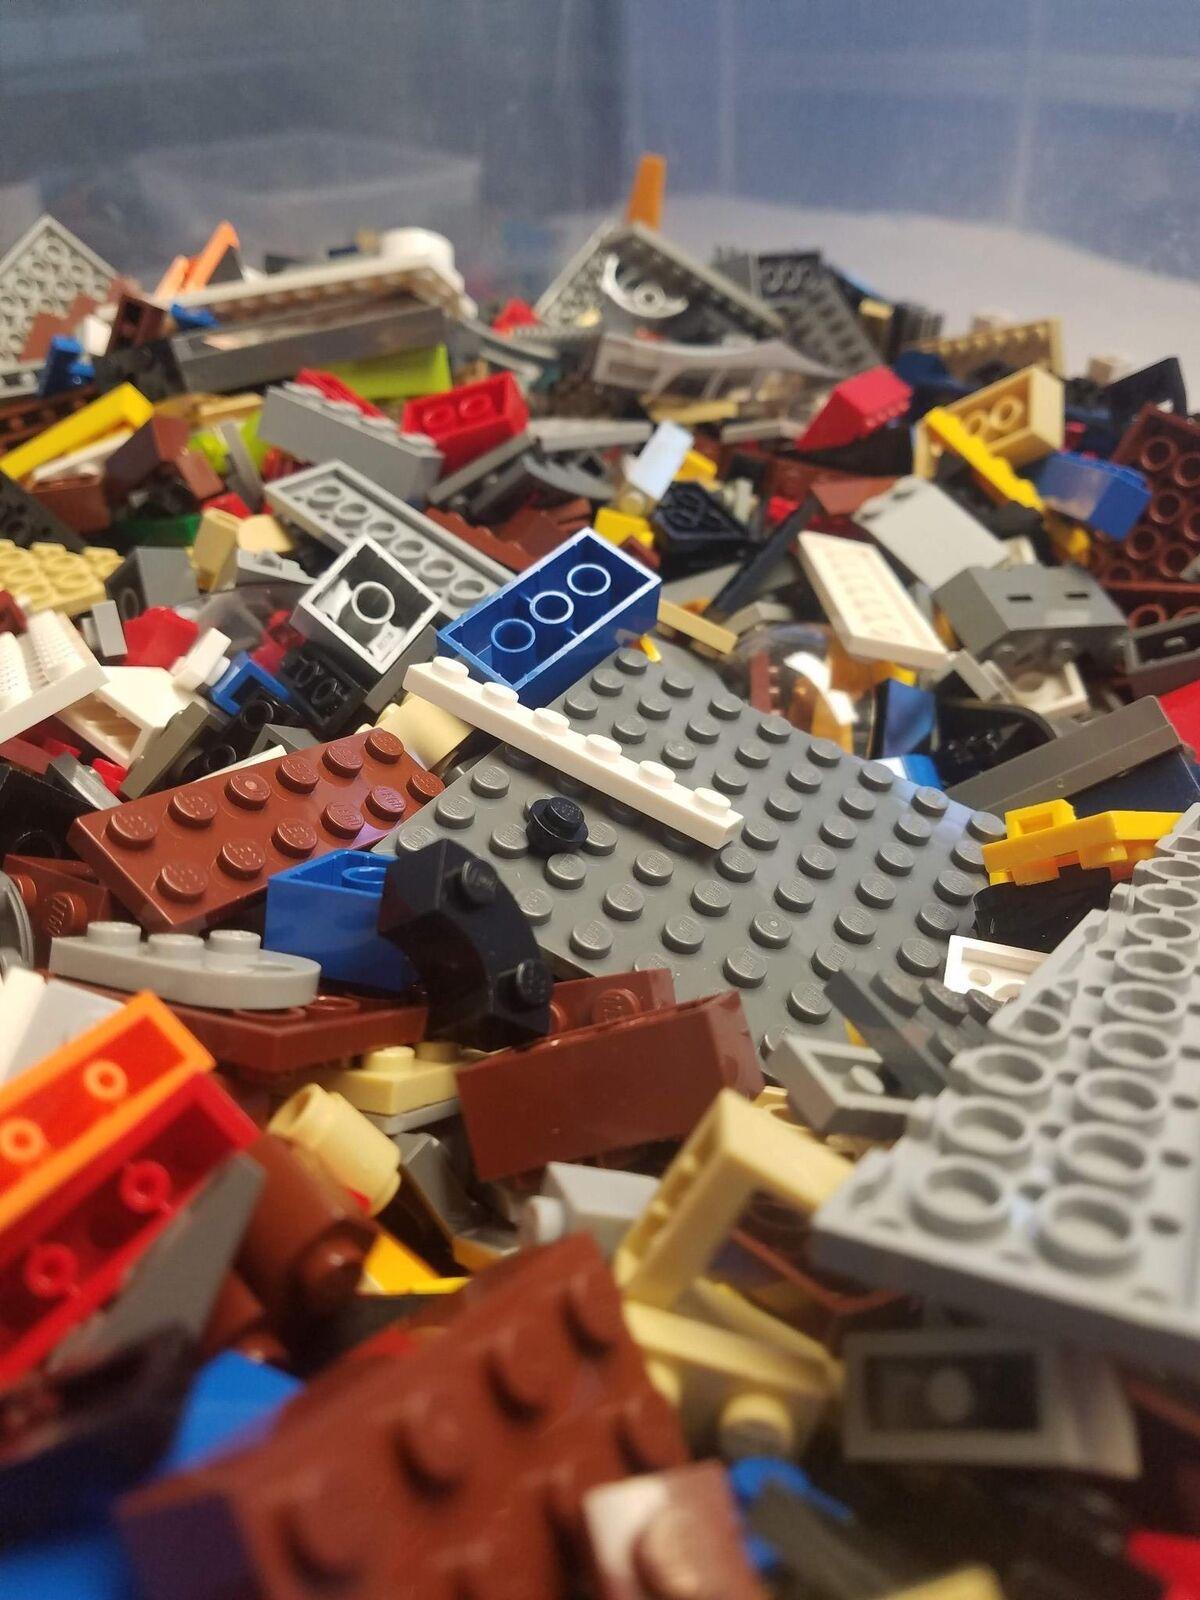 Lego Lote Lot 2.3kg Partes & Piezas Gigante Al por Mayor Ladrillos Bloques